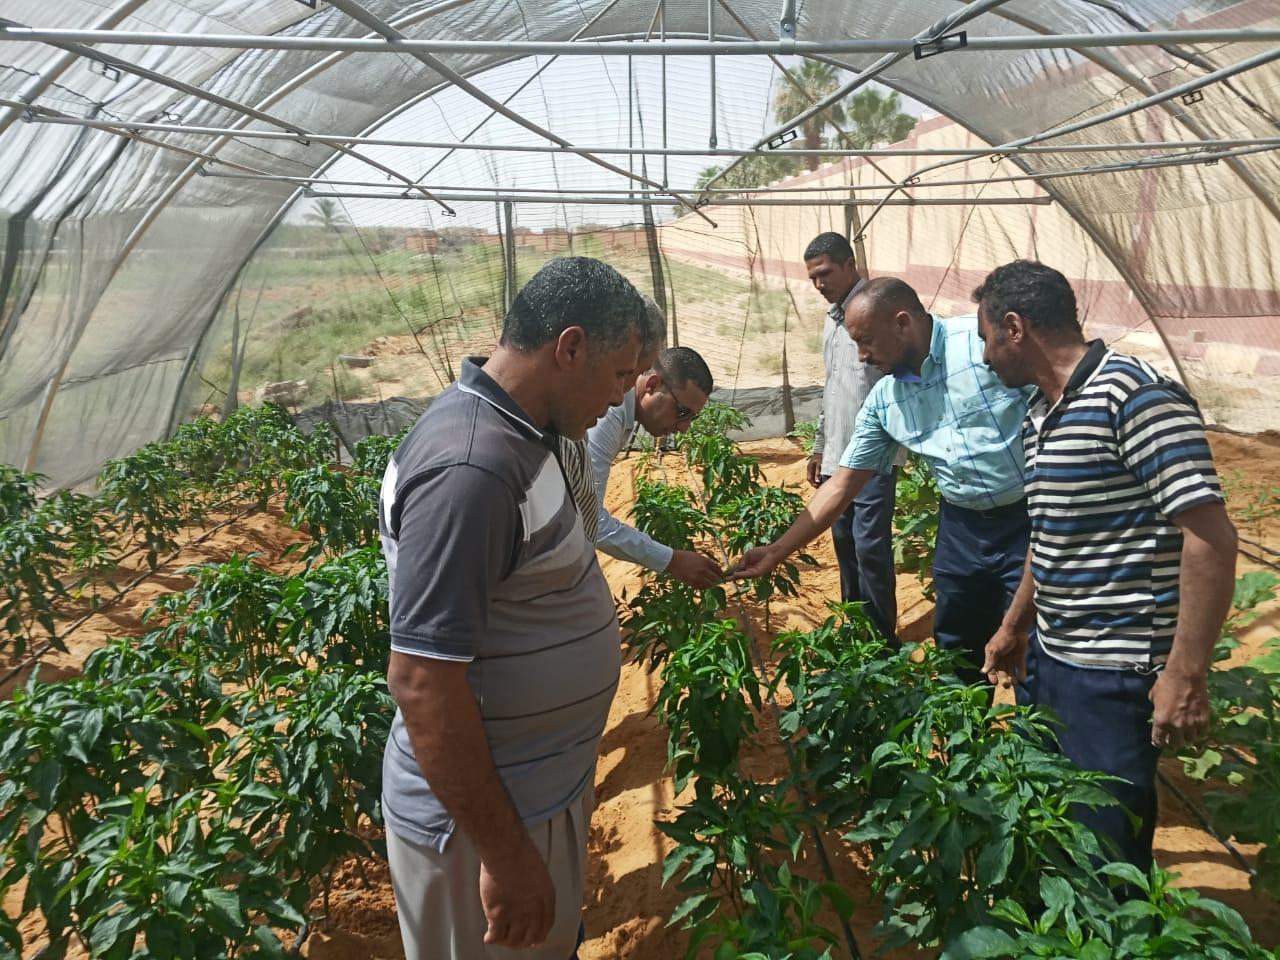 حاصلات الصوب الزراعية بمدرسة الخارجة الزراعية (5)